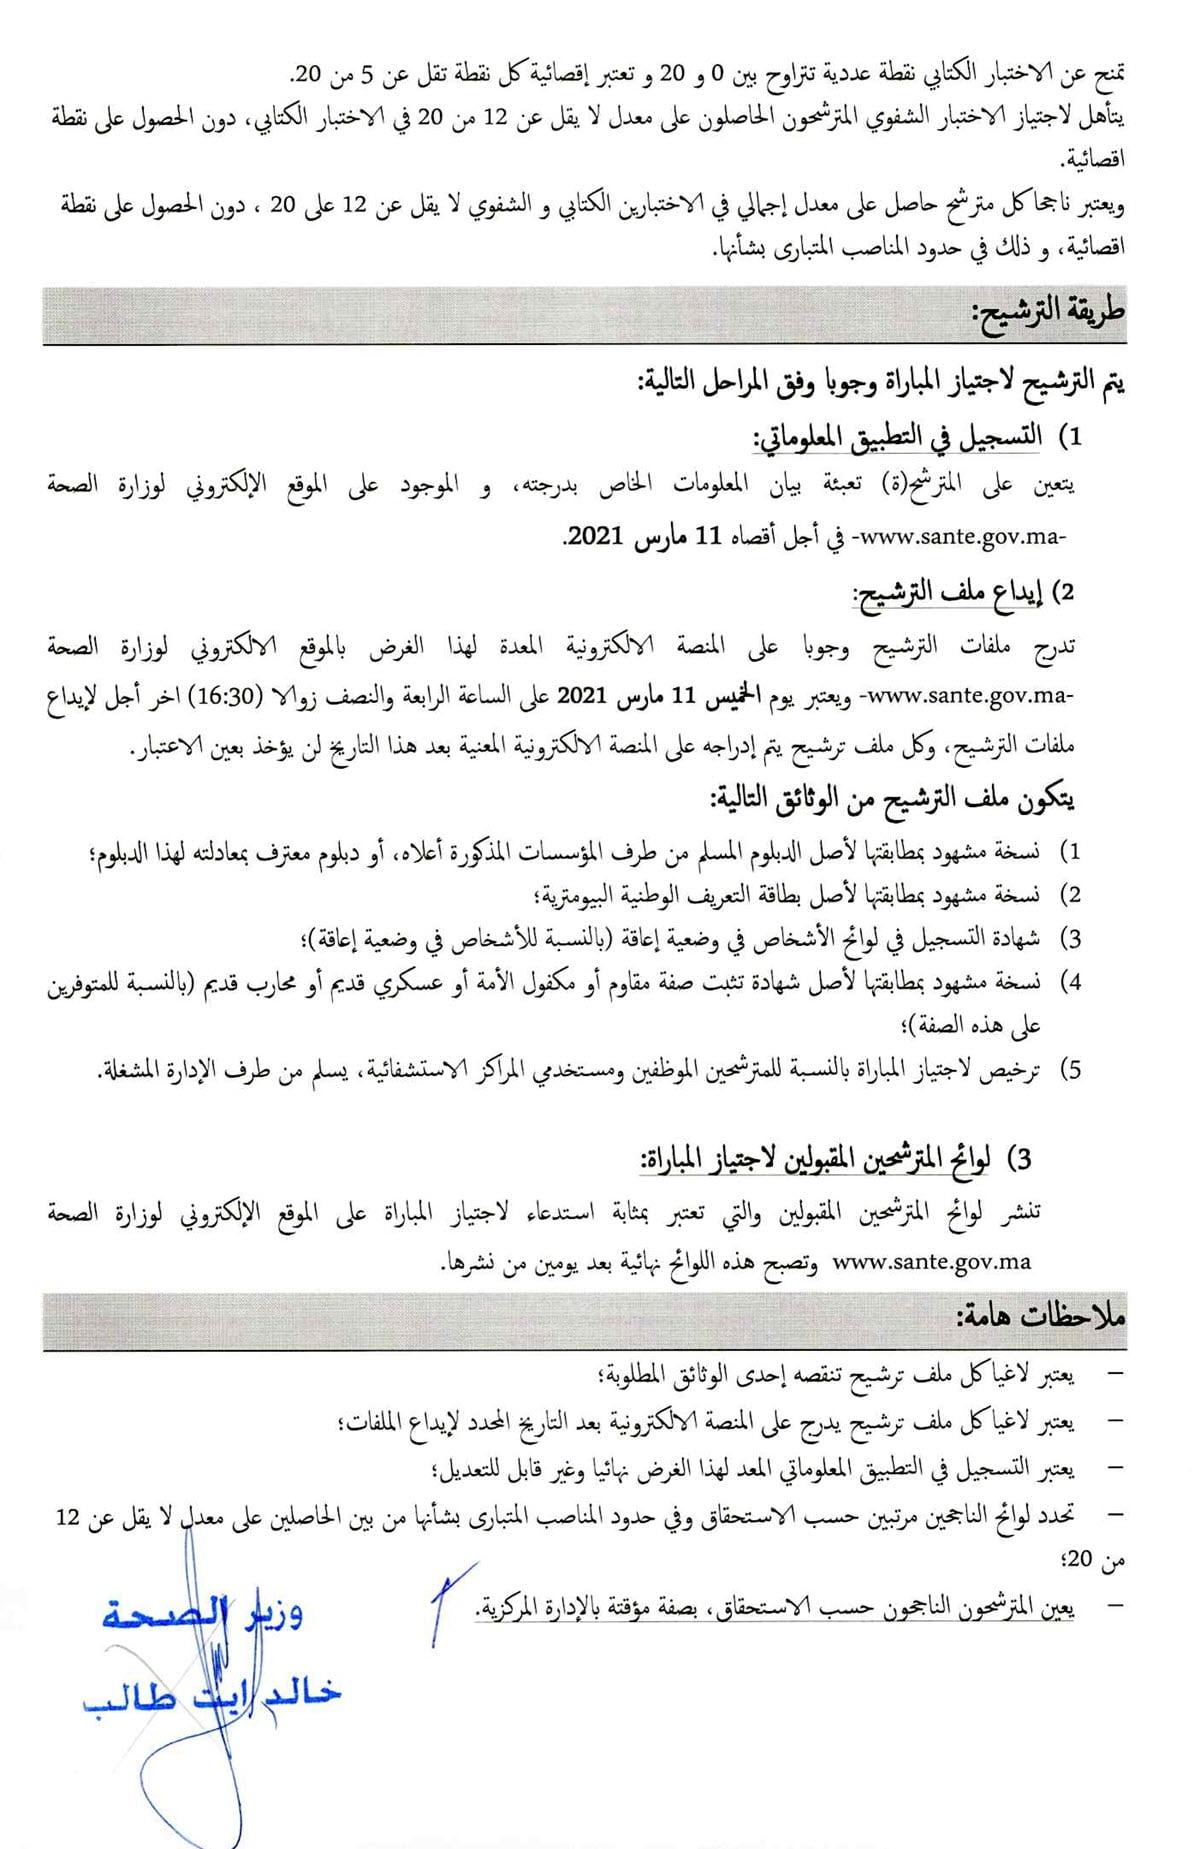 Ministère sante recrutement Administrateurs et Techniciens 2021